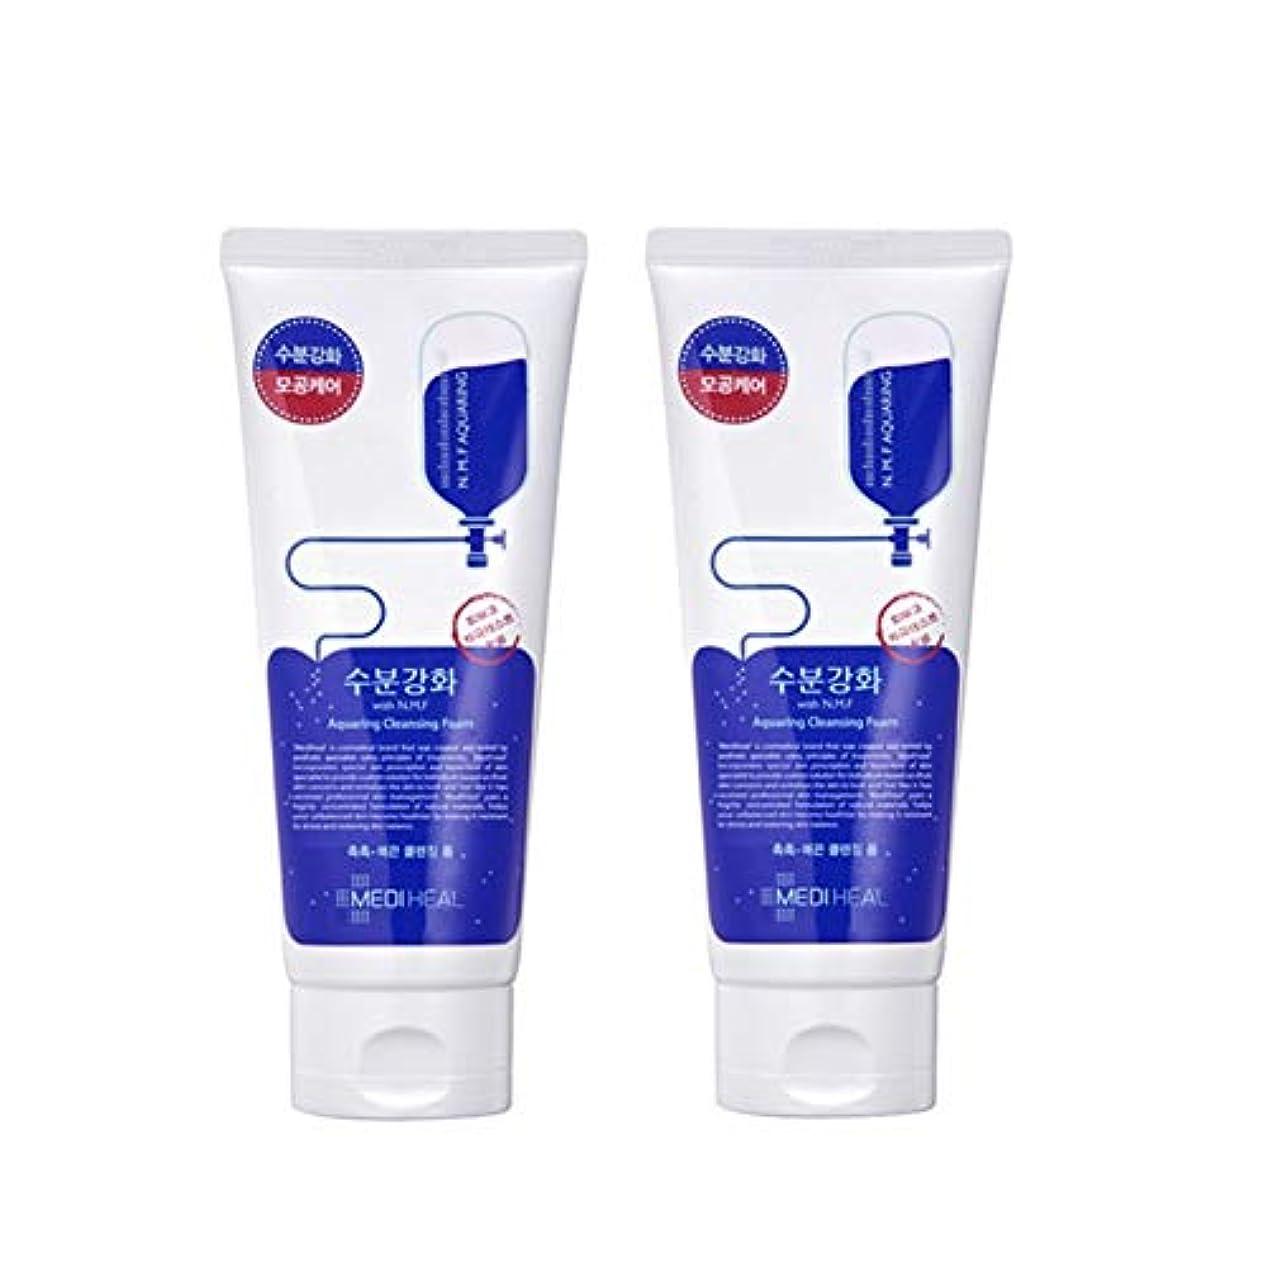 プロポーショナル群れスペシャリストメディヒール水分強化クレンジングフォーム170mlx2本セット韓国コスメ、Mediheal Aquaring Cleansing Foam 170ml x 2ea Set Korean Cosmetics [並行輸入品]